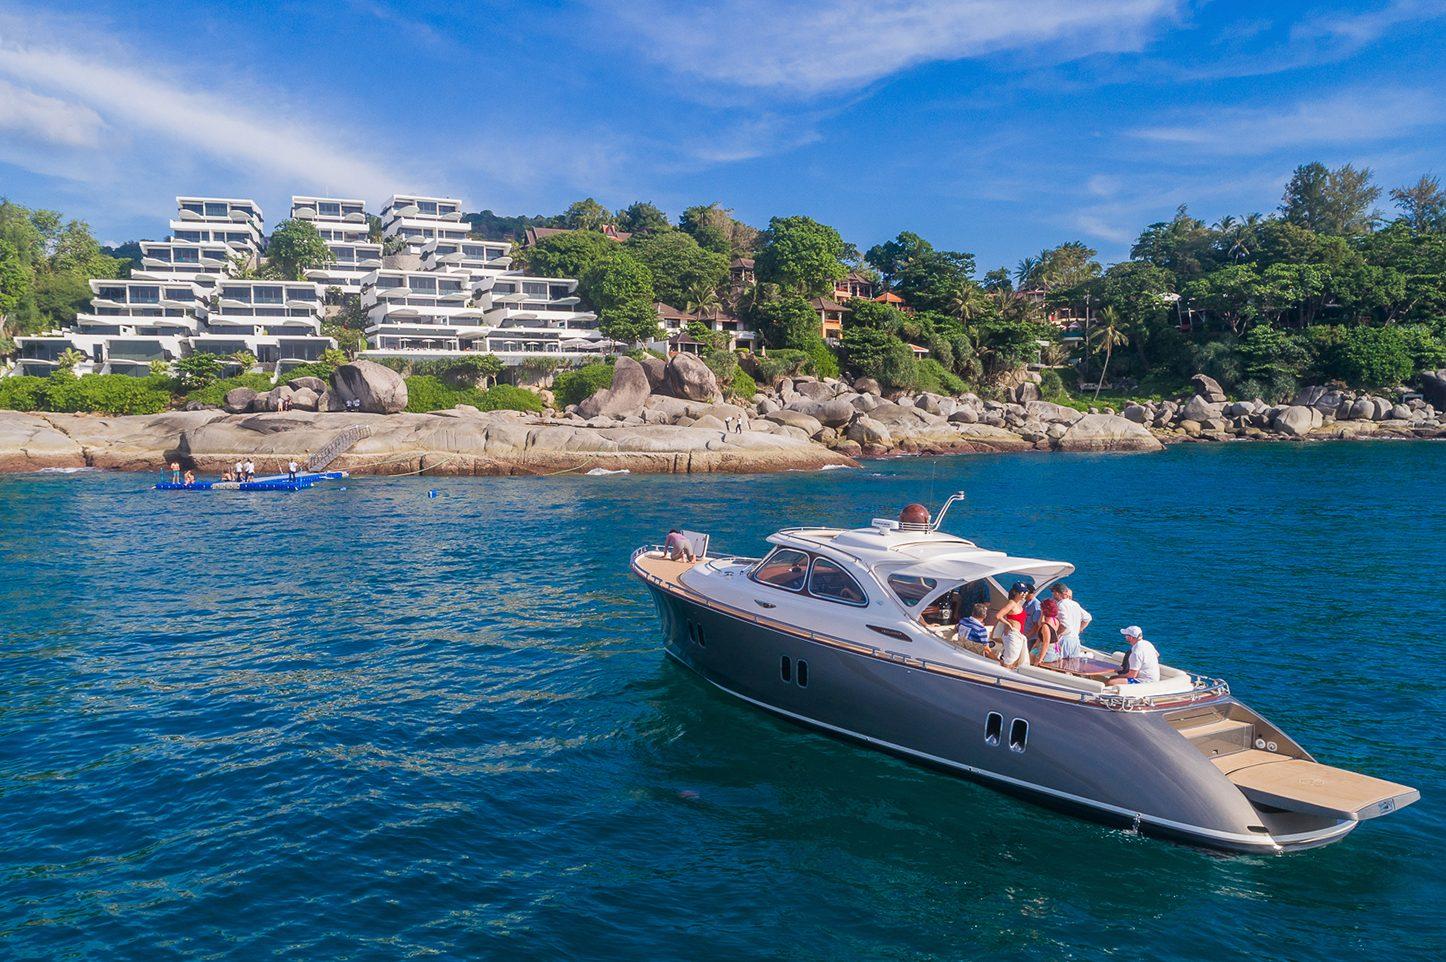 Kata Rocks - Yacht Charter booking service